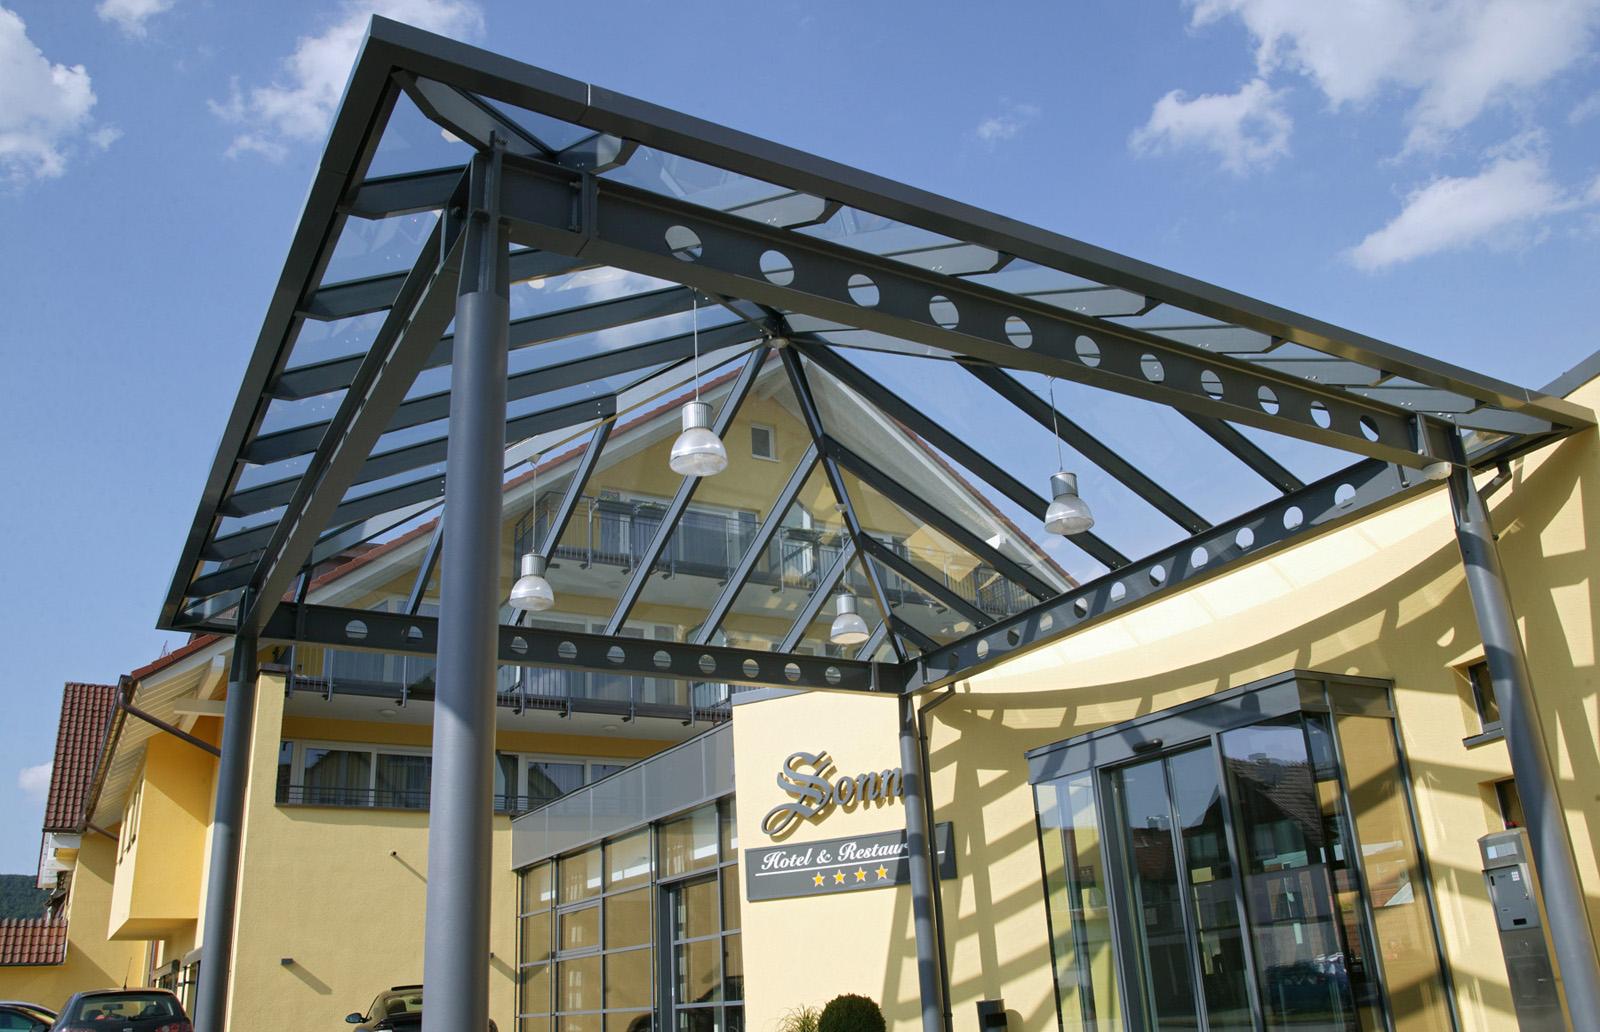 Architektur-Detail - Hotel Sonne, Rudersberg/schlechtbach